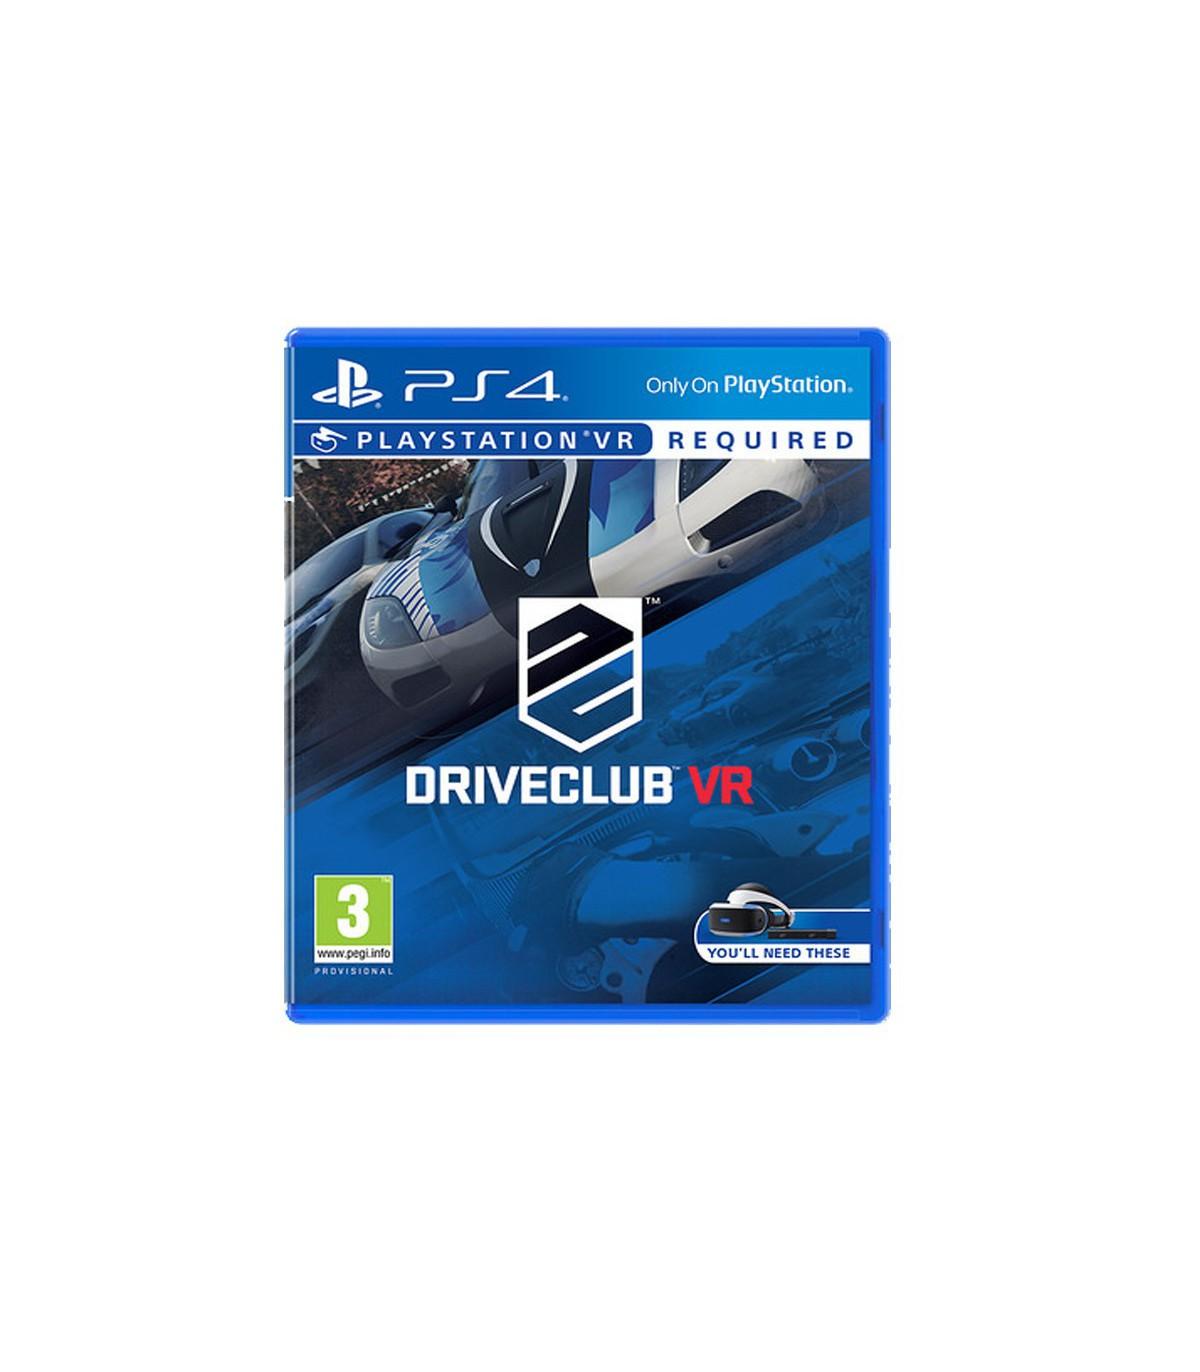 بازی Drive Club VR کارکرده - پلی استیشن وی آر